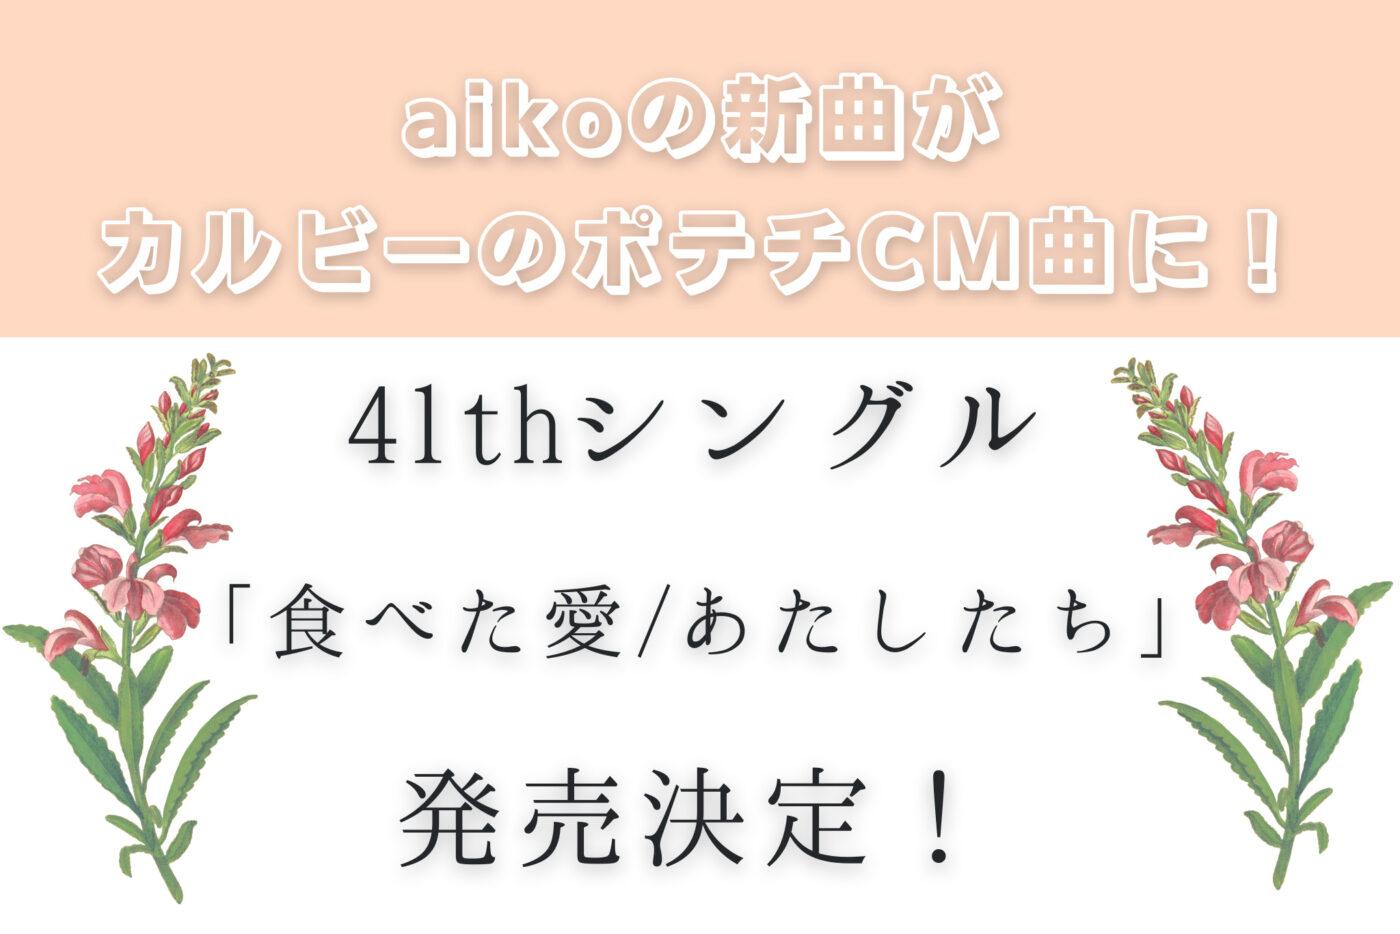 aikoさんの新曲がカルビーのポテチCM曲に!41thシングル「食べた愛/あたしたち」発売決定!